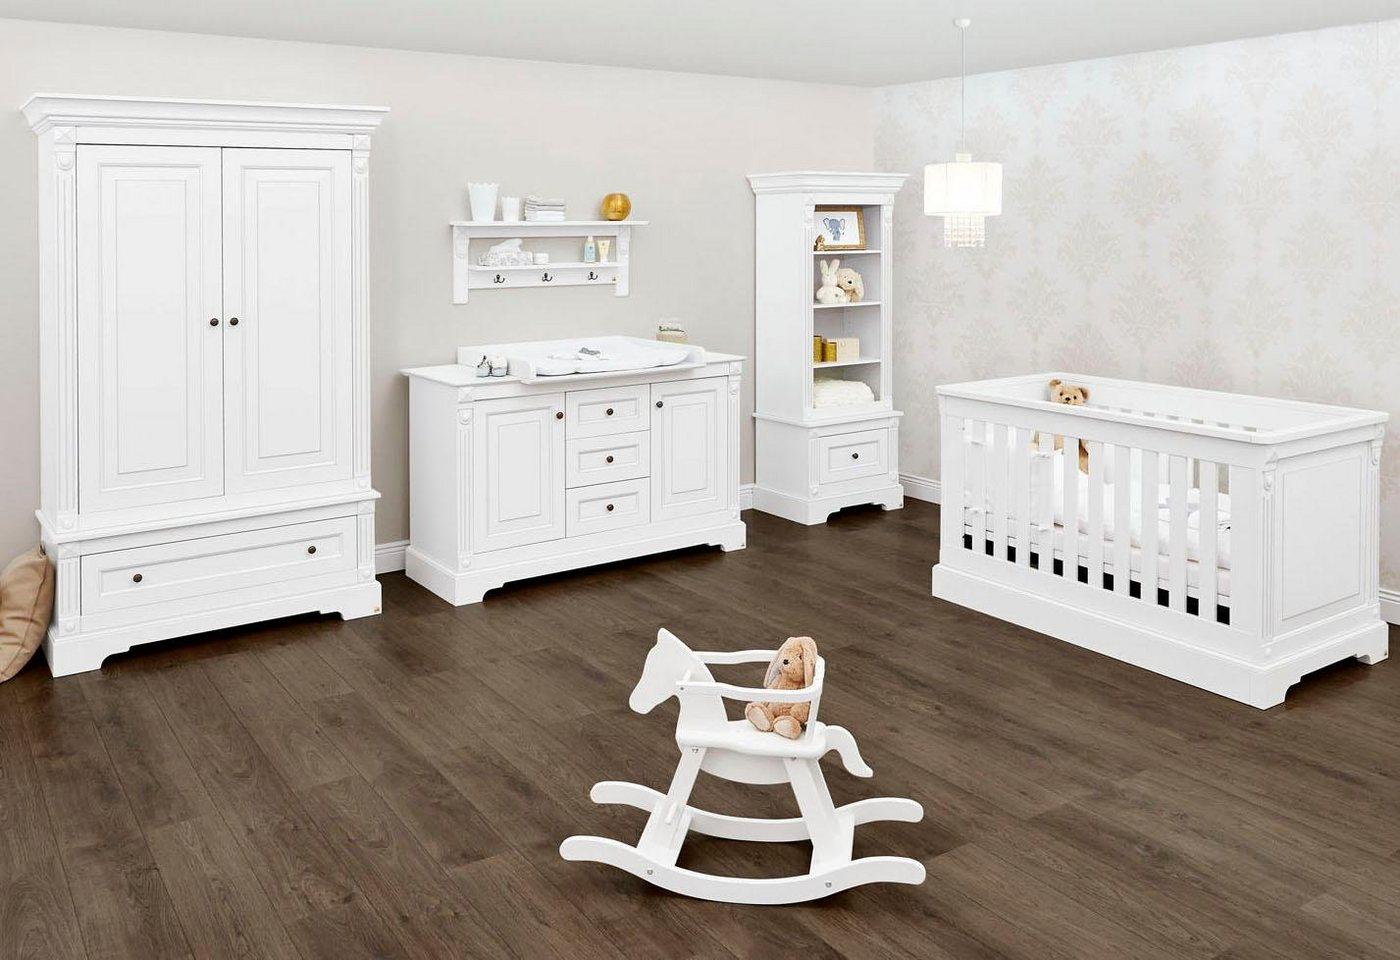 Pinolino Babyzimmer Set, Kinderzimmer »Emilia« extrabreit (3-tlg.) | Kinderzimmer > Babymöbel > Komplett-Babyzimmer | Weiß | Mdf | Pinolino®